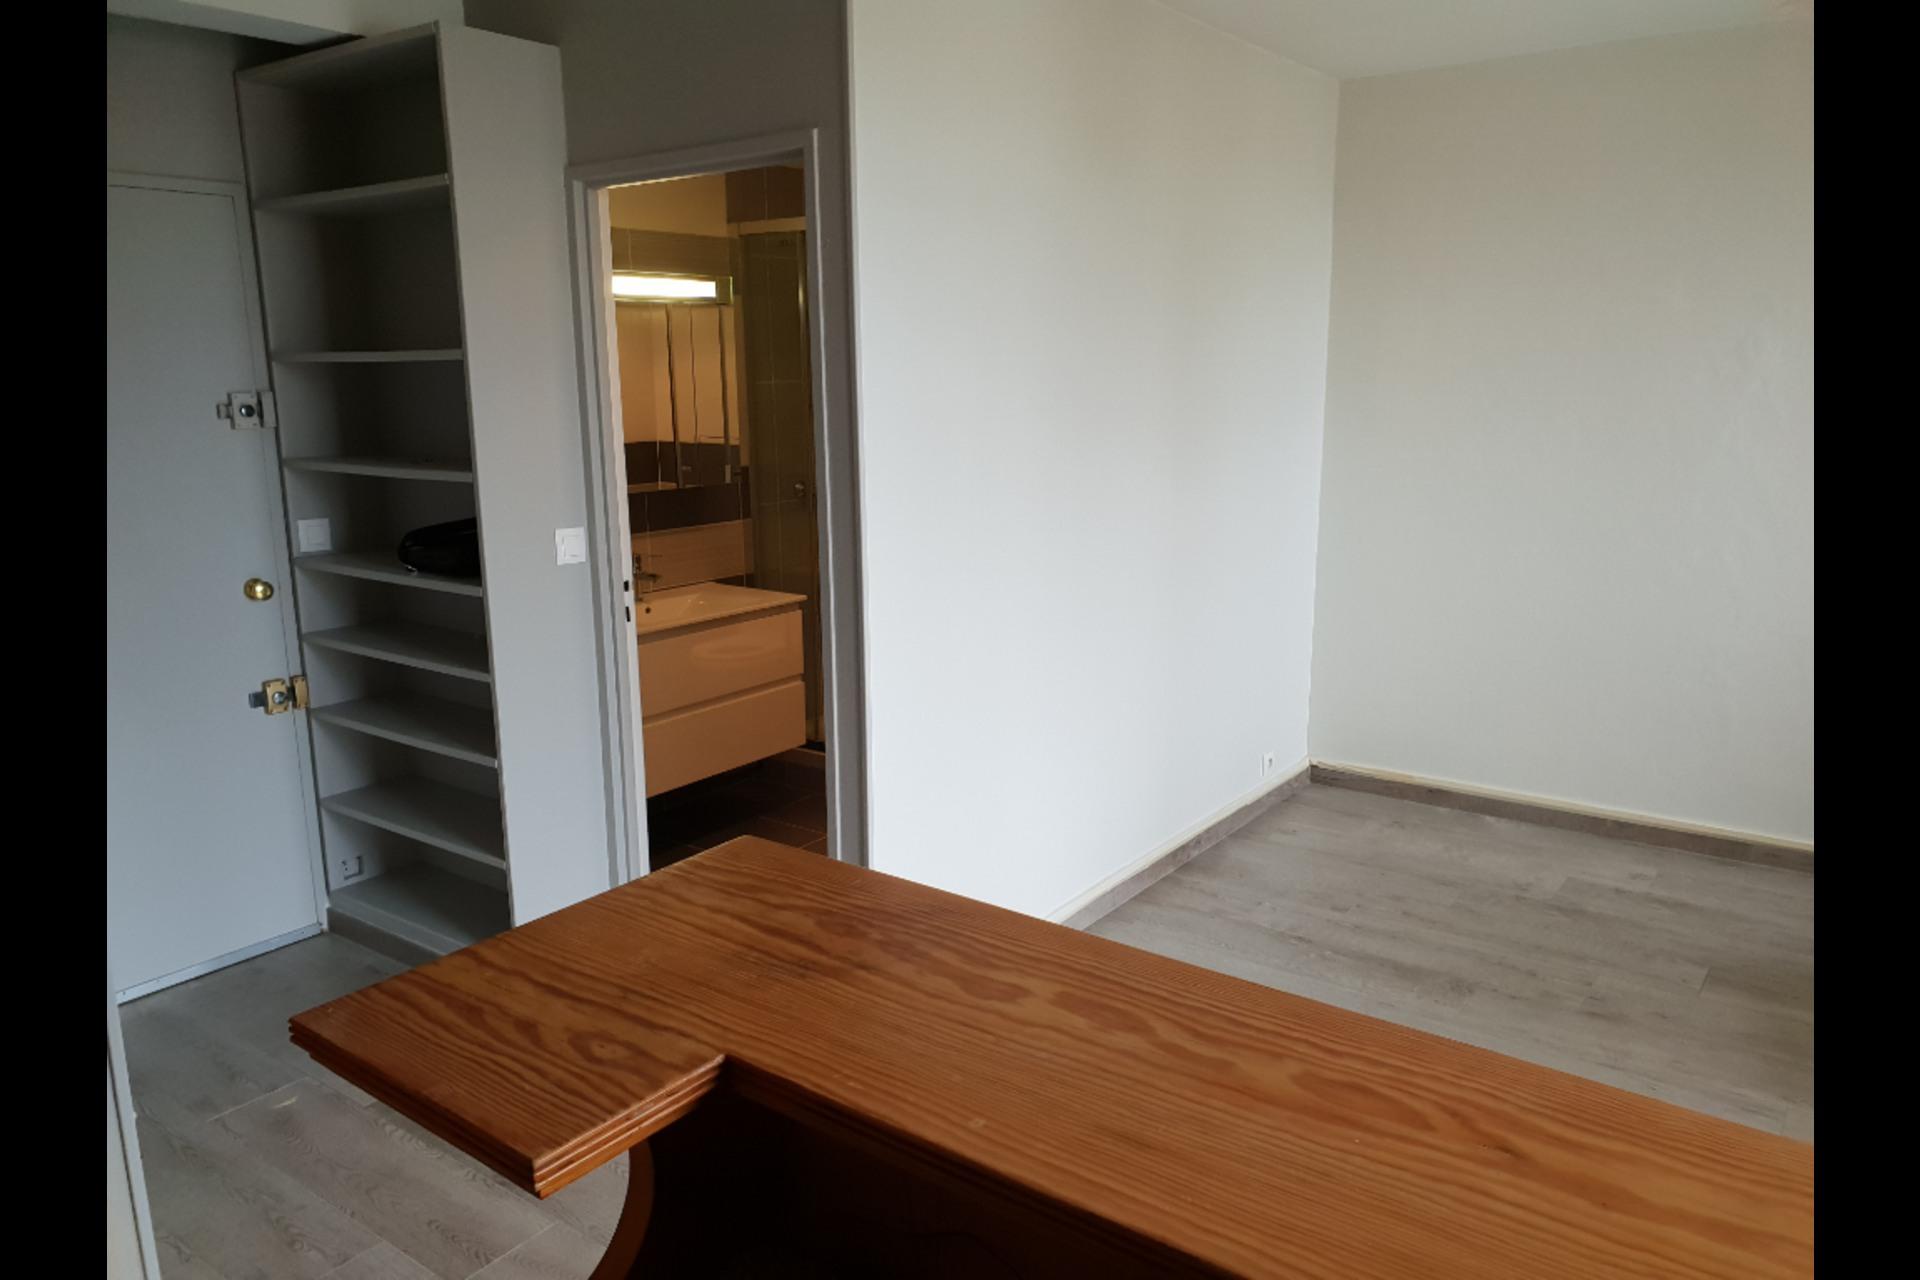 image 3 - Apartment For rent saint germain en laye - 1 room